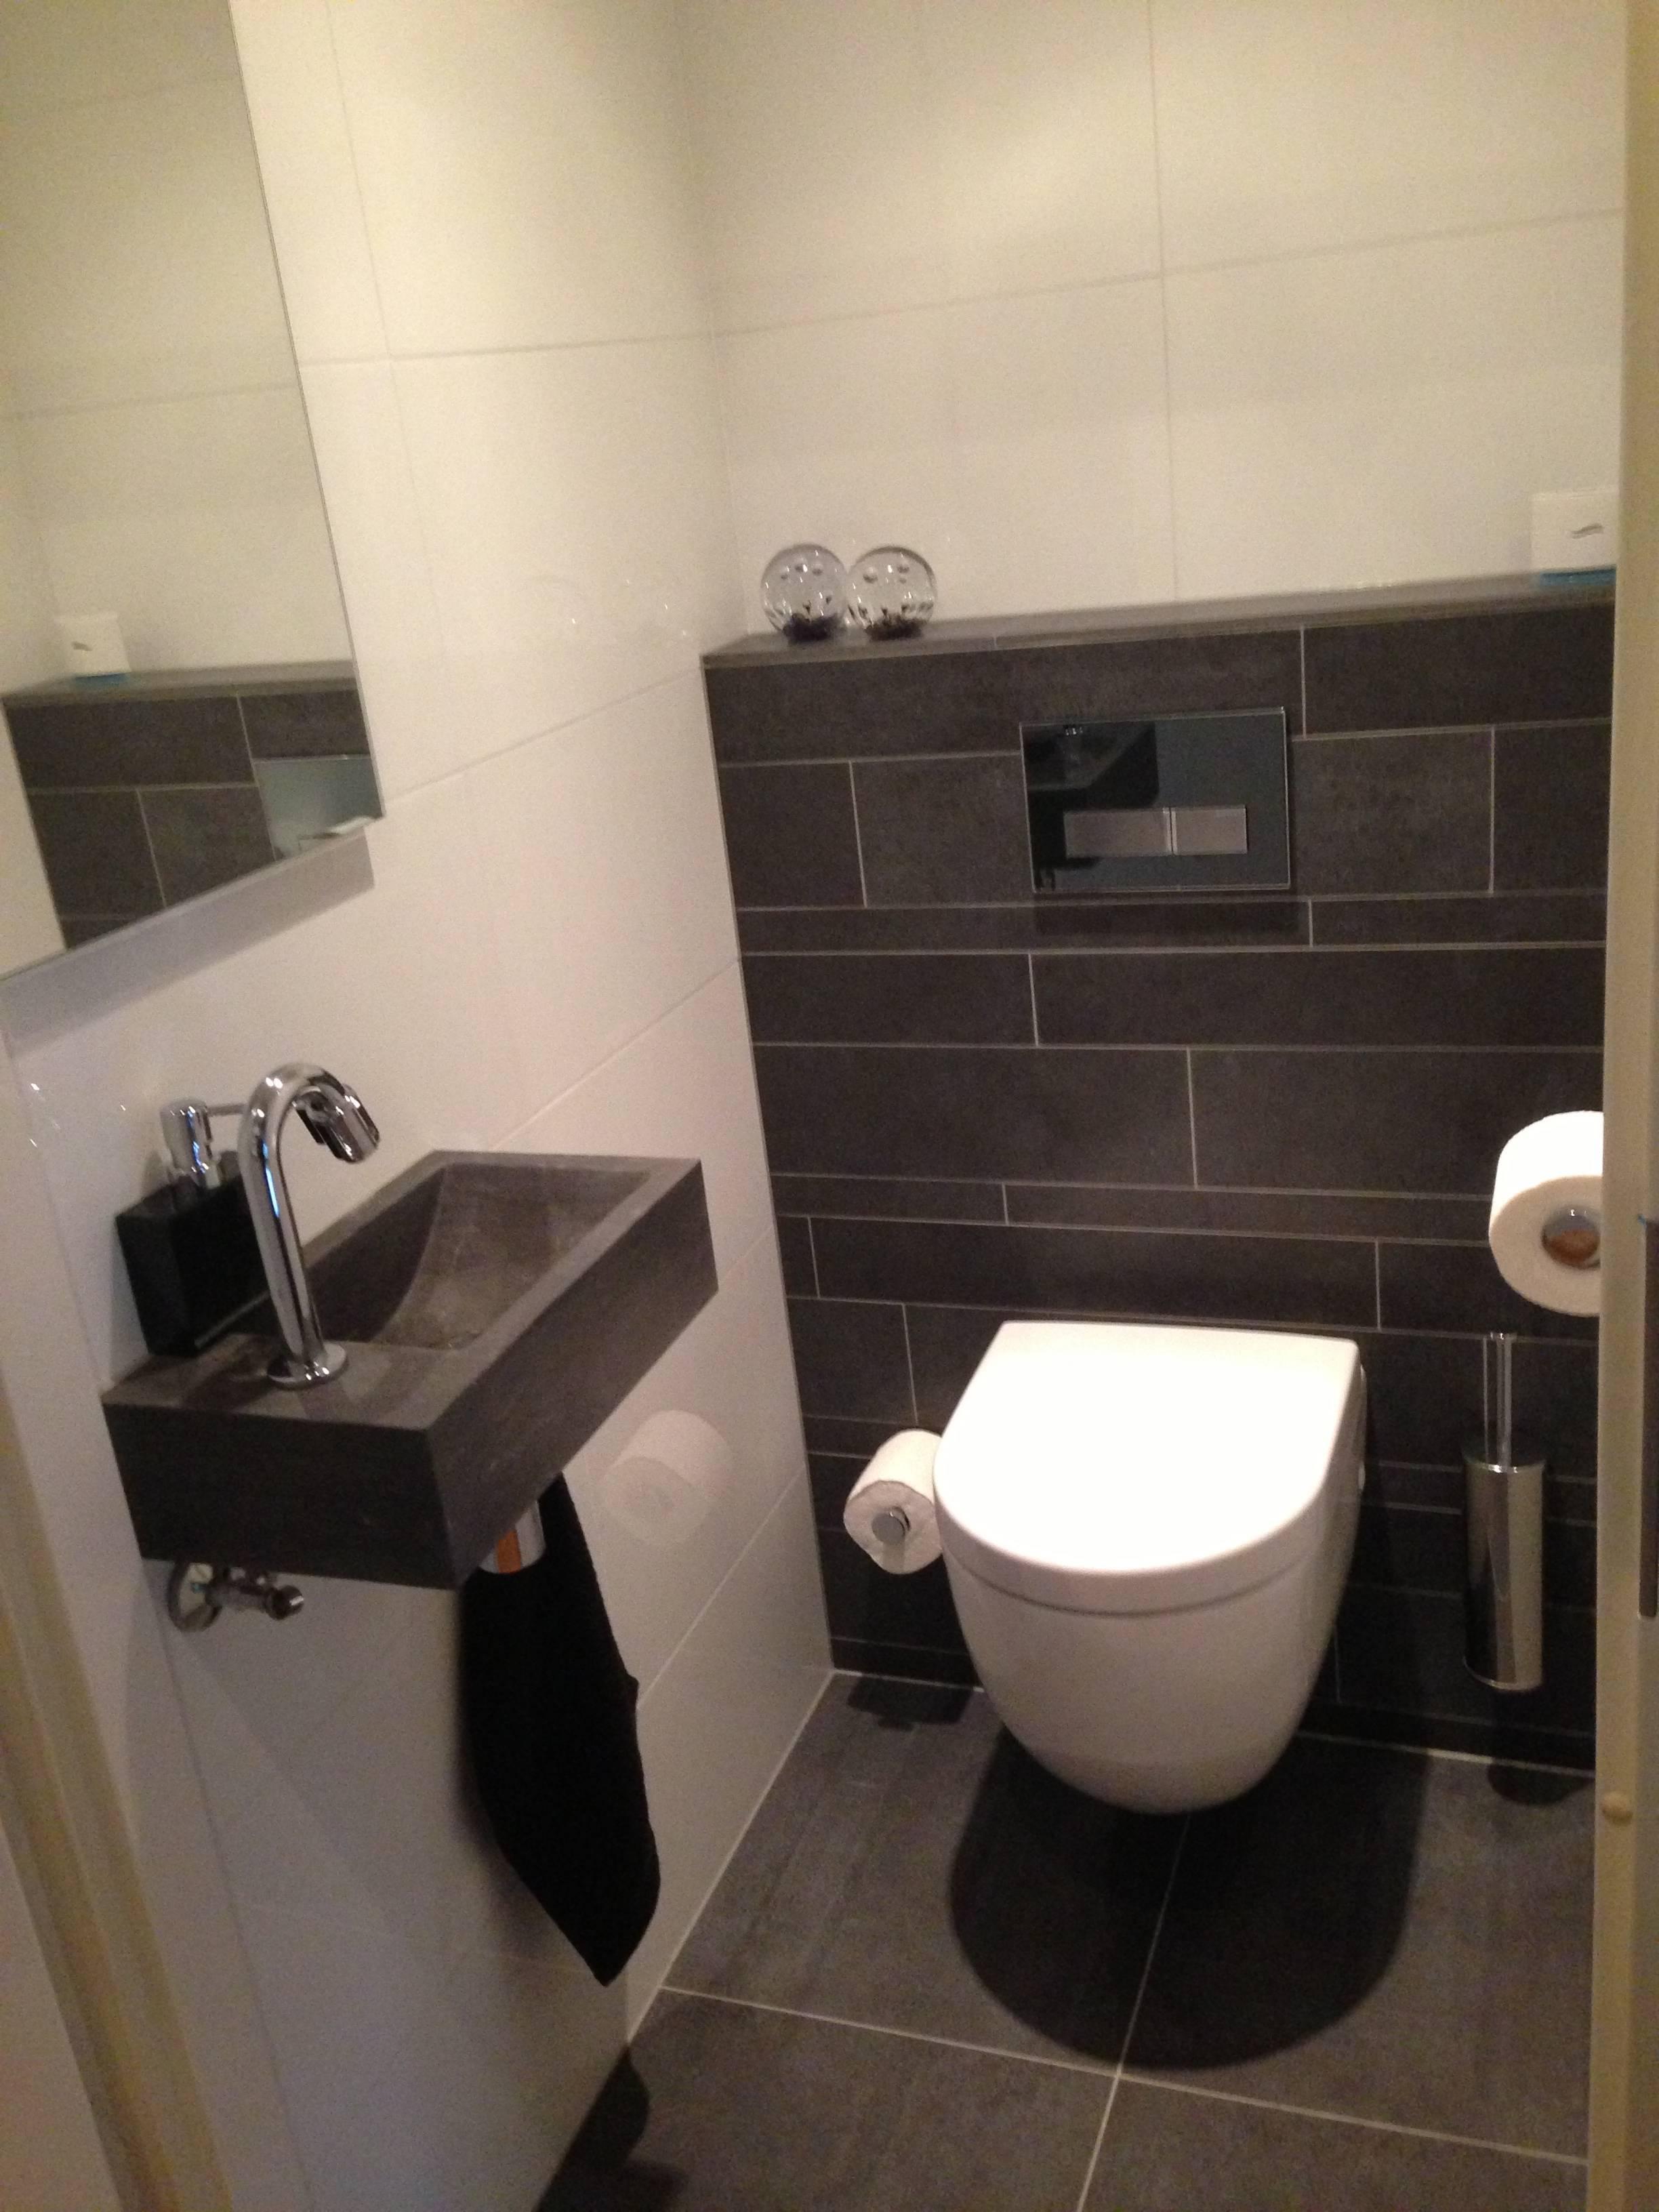 Wc opnieuw betegeld erik de graaf badkamer design - Badkamer betegeld ...